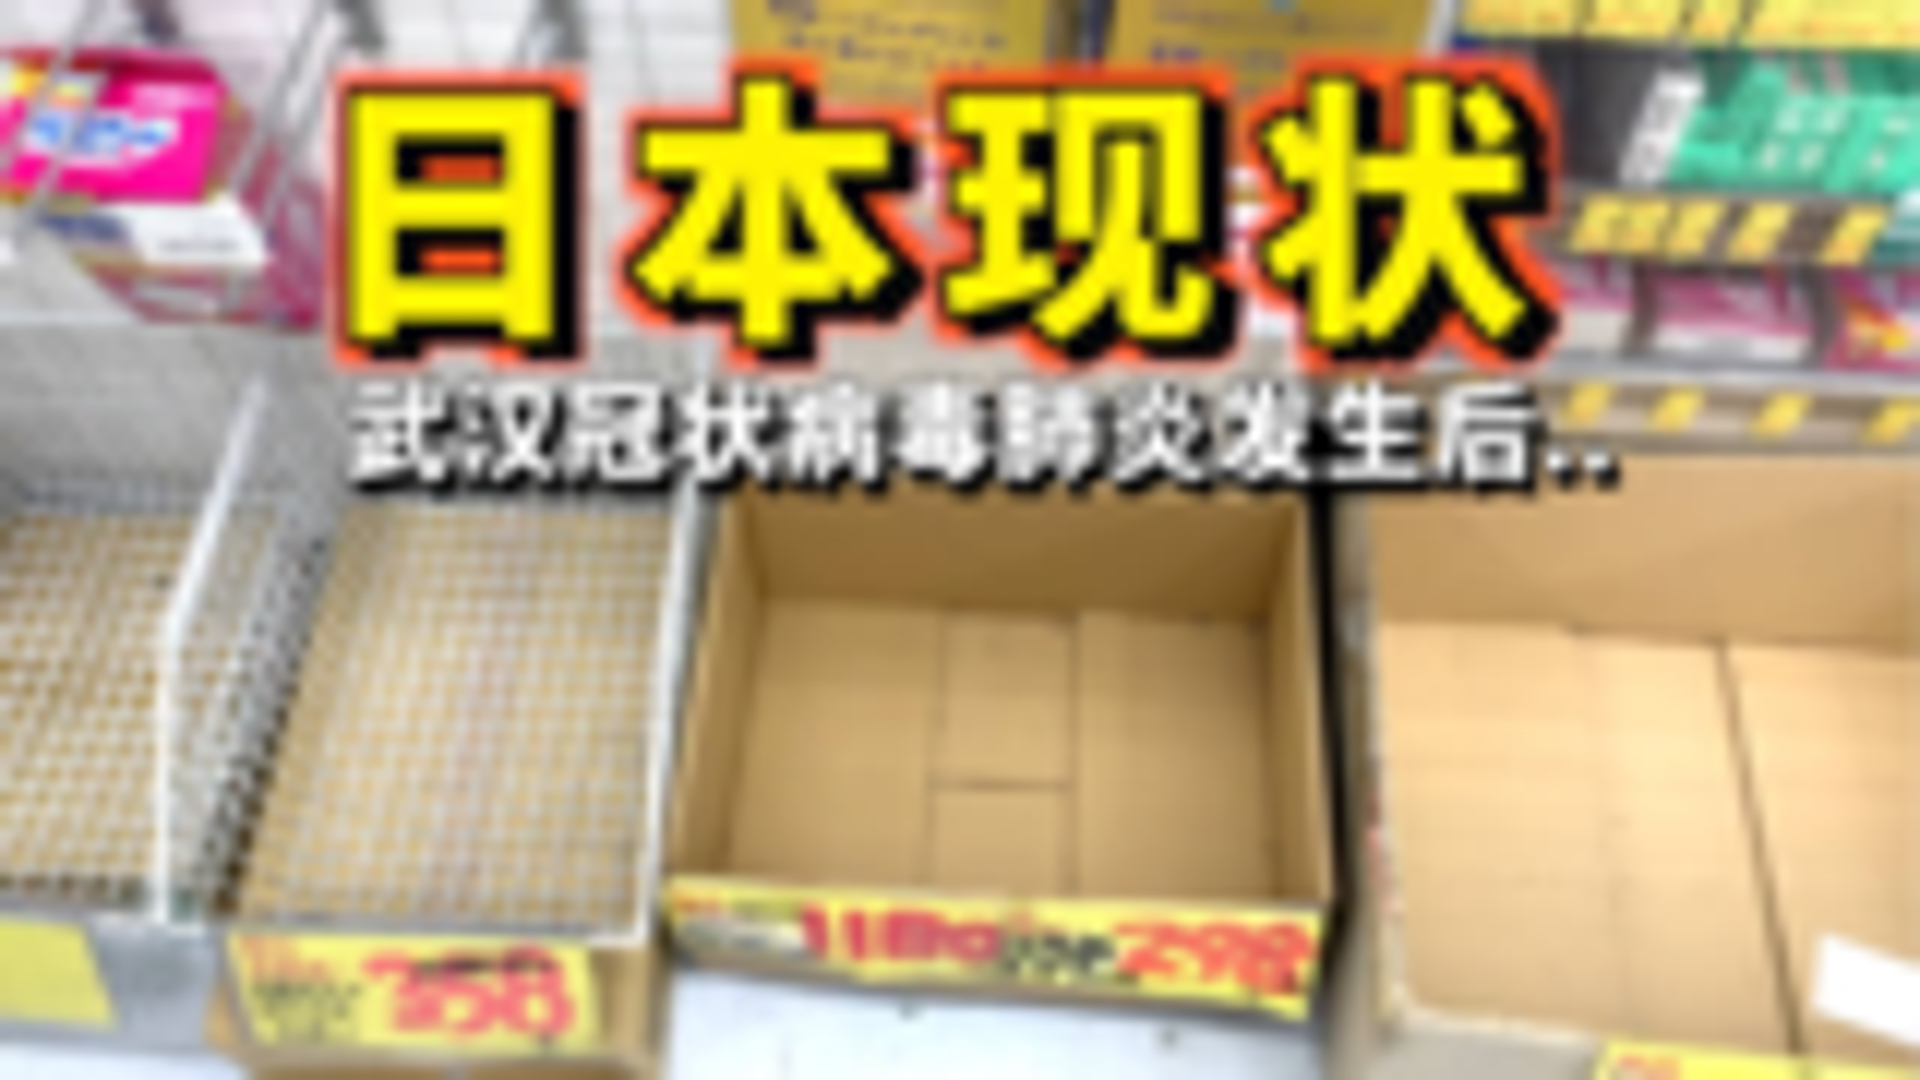 中日情侣记录下武汉新冠状病毒肺炎爆发后,上海和日本的2地的真实生活!